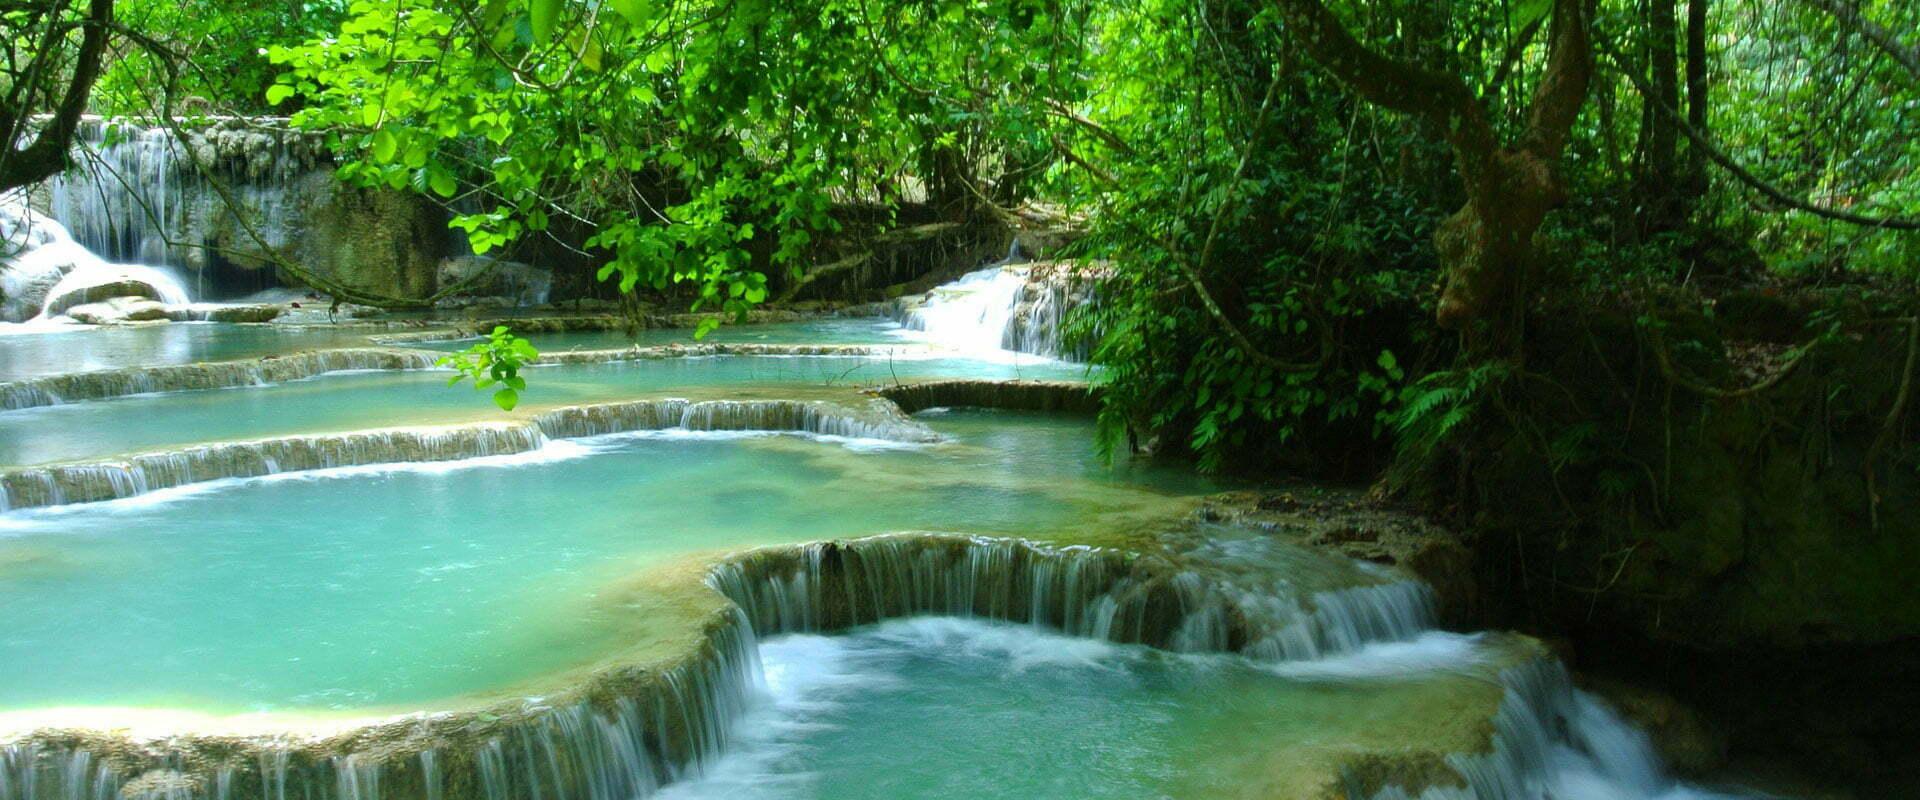 Bains naturels et minis cascades au milieu d'une nature verdoyante